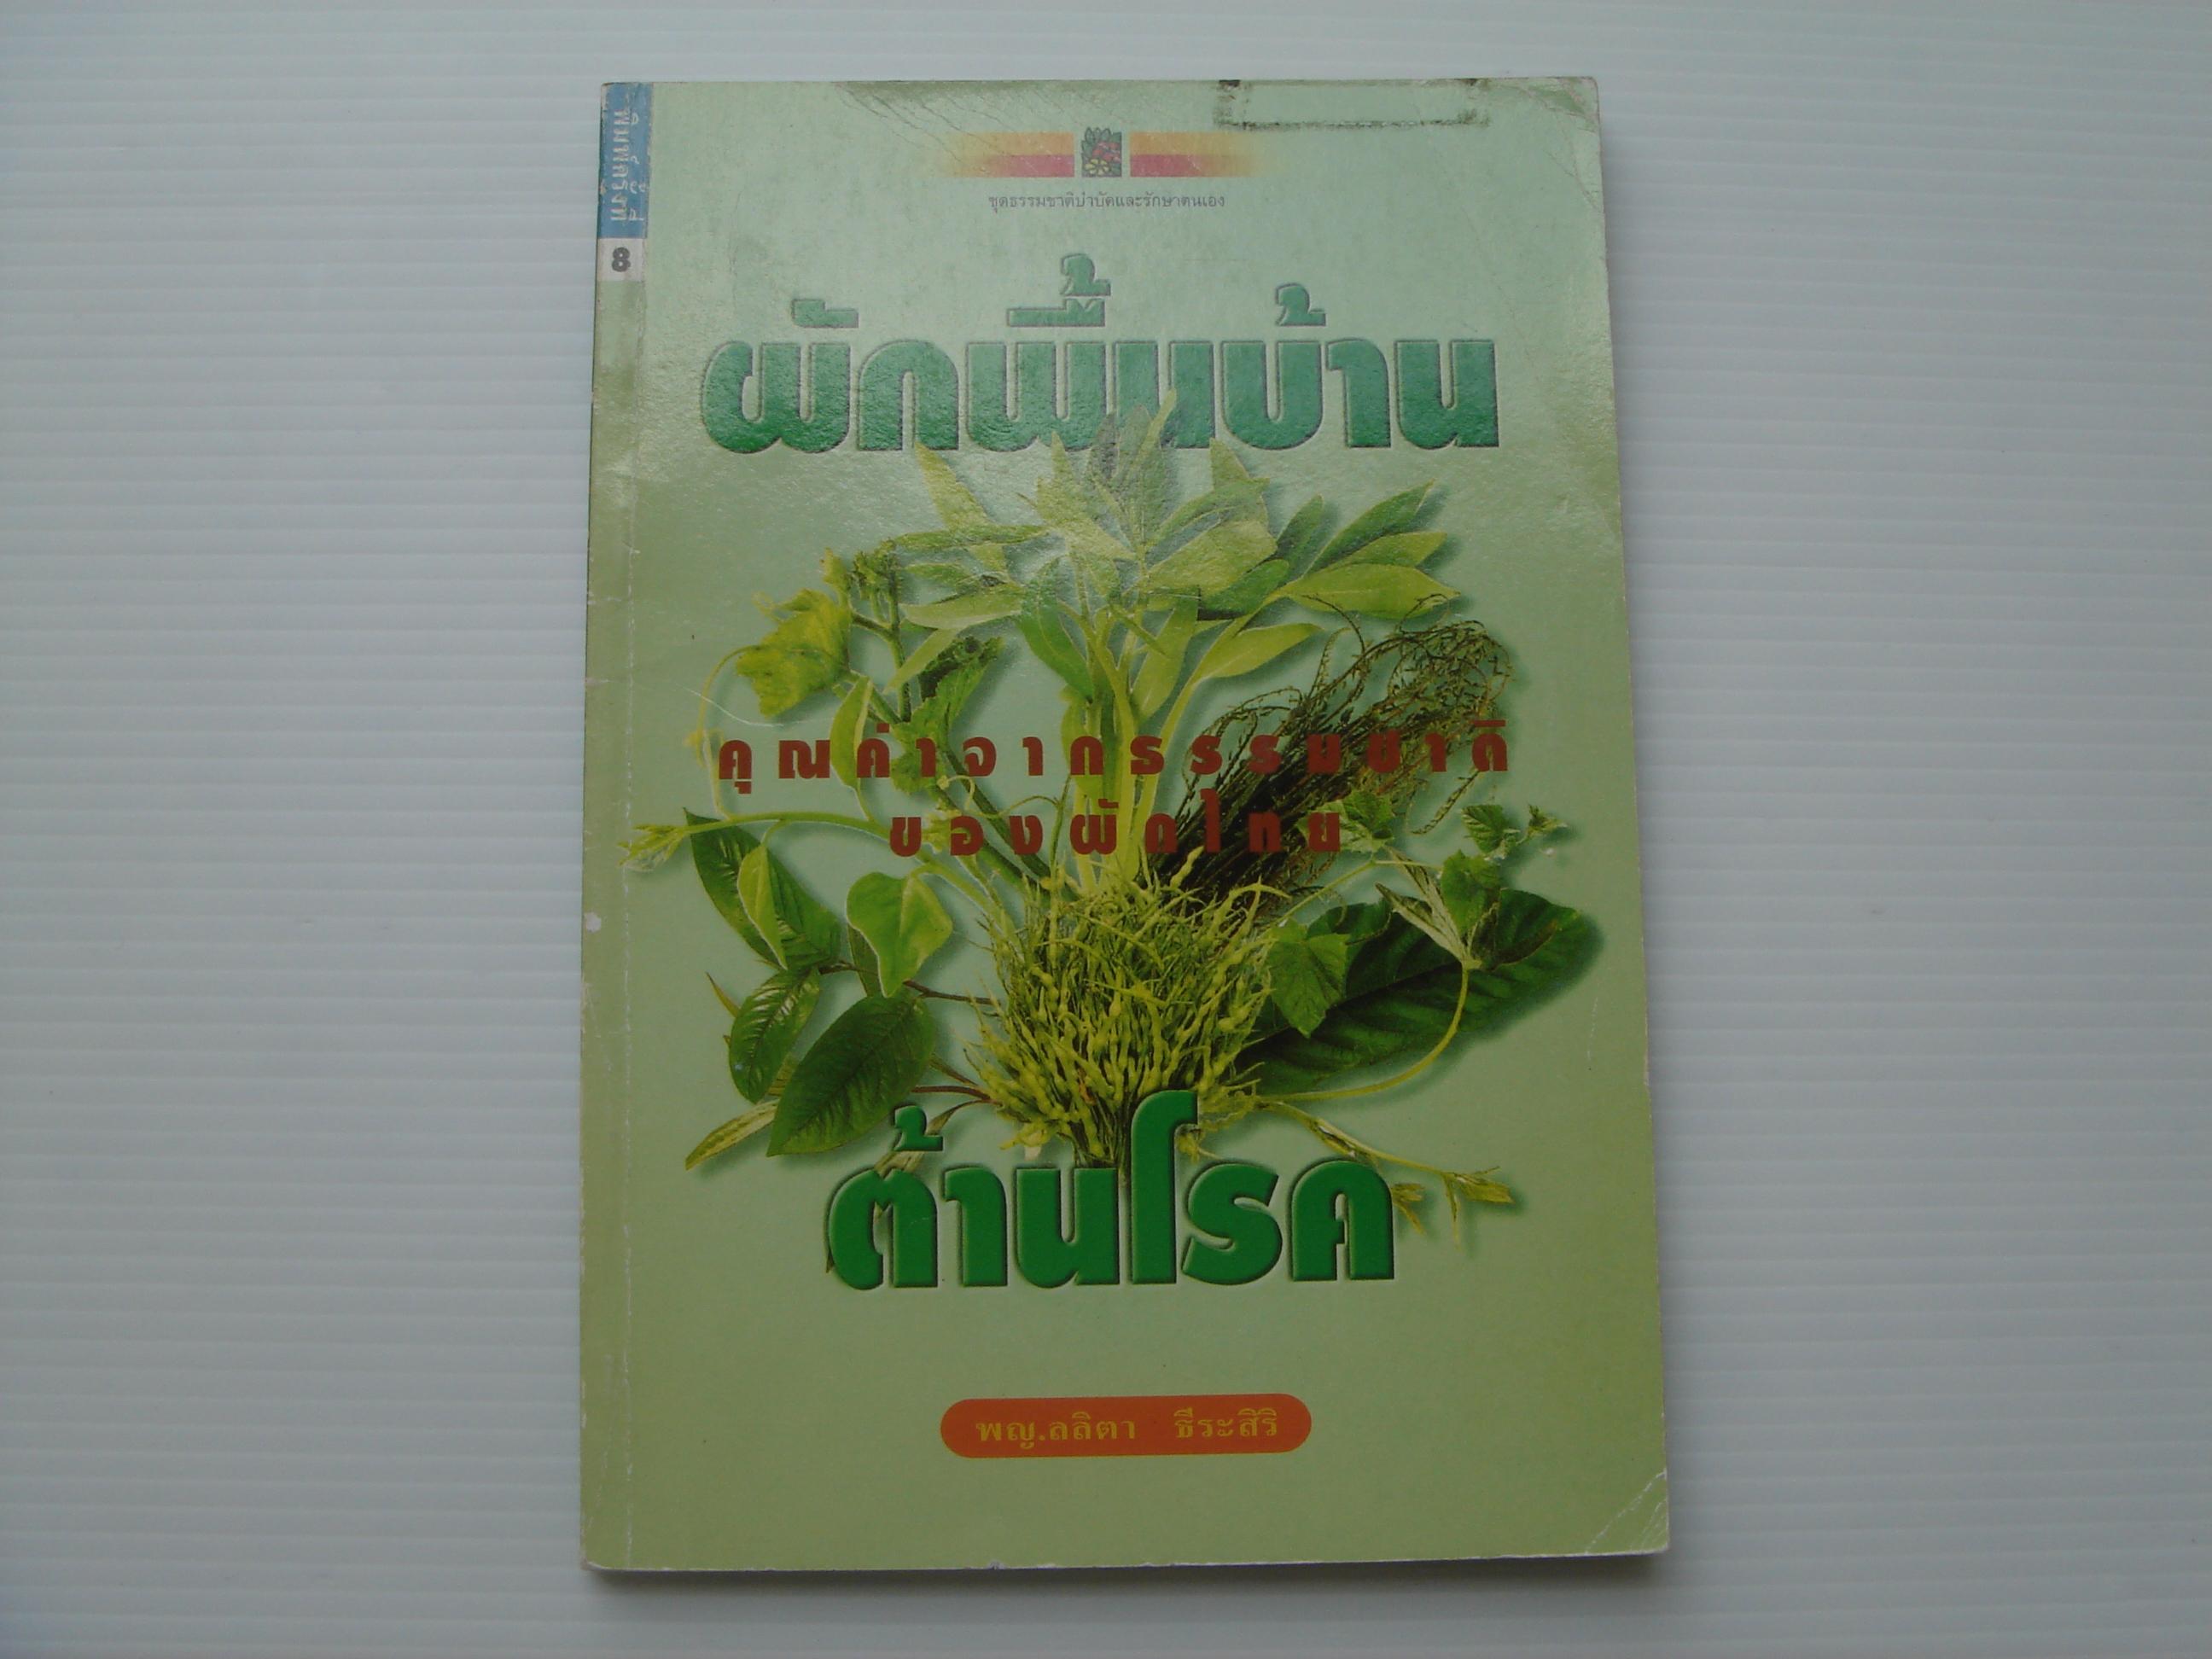 ผักพื้นบ้านต้านโรค คุณค่าจากธรรมชาติของผักไทย